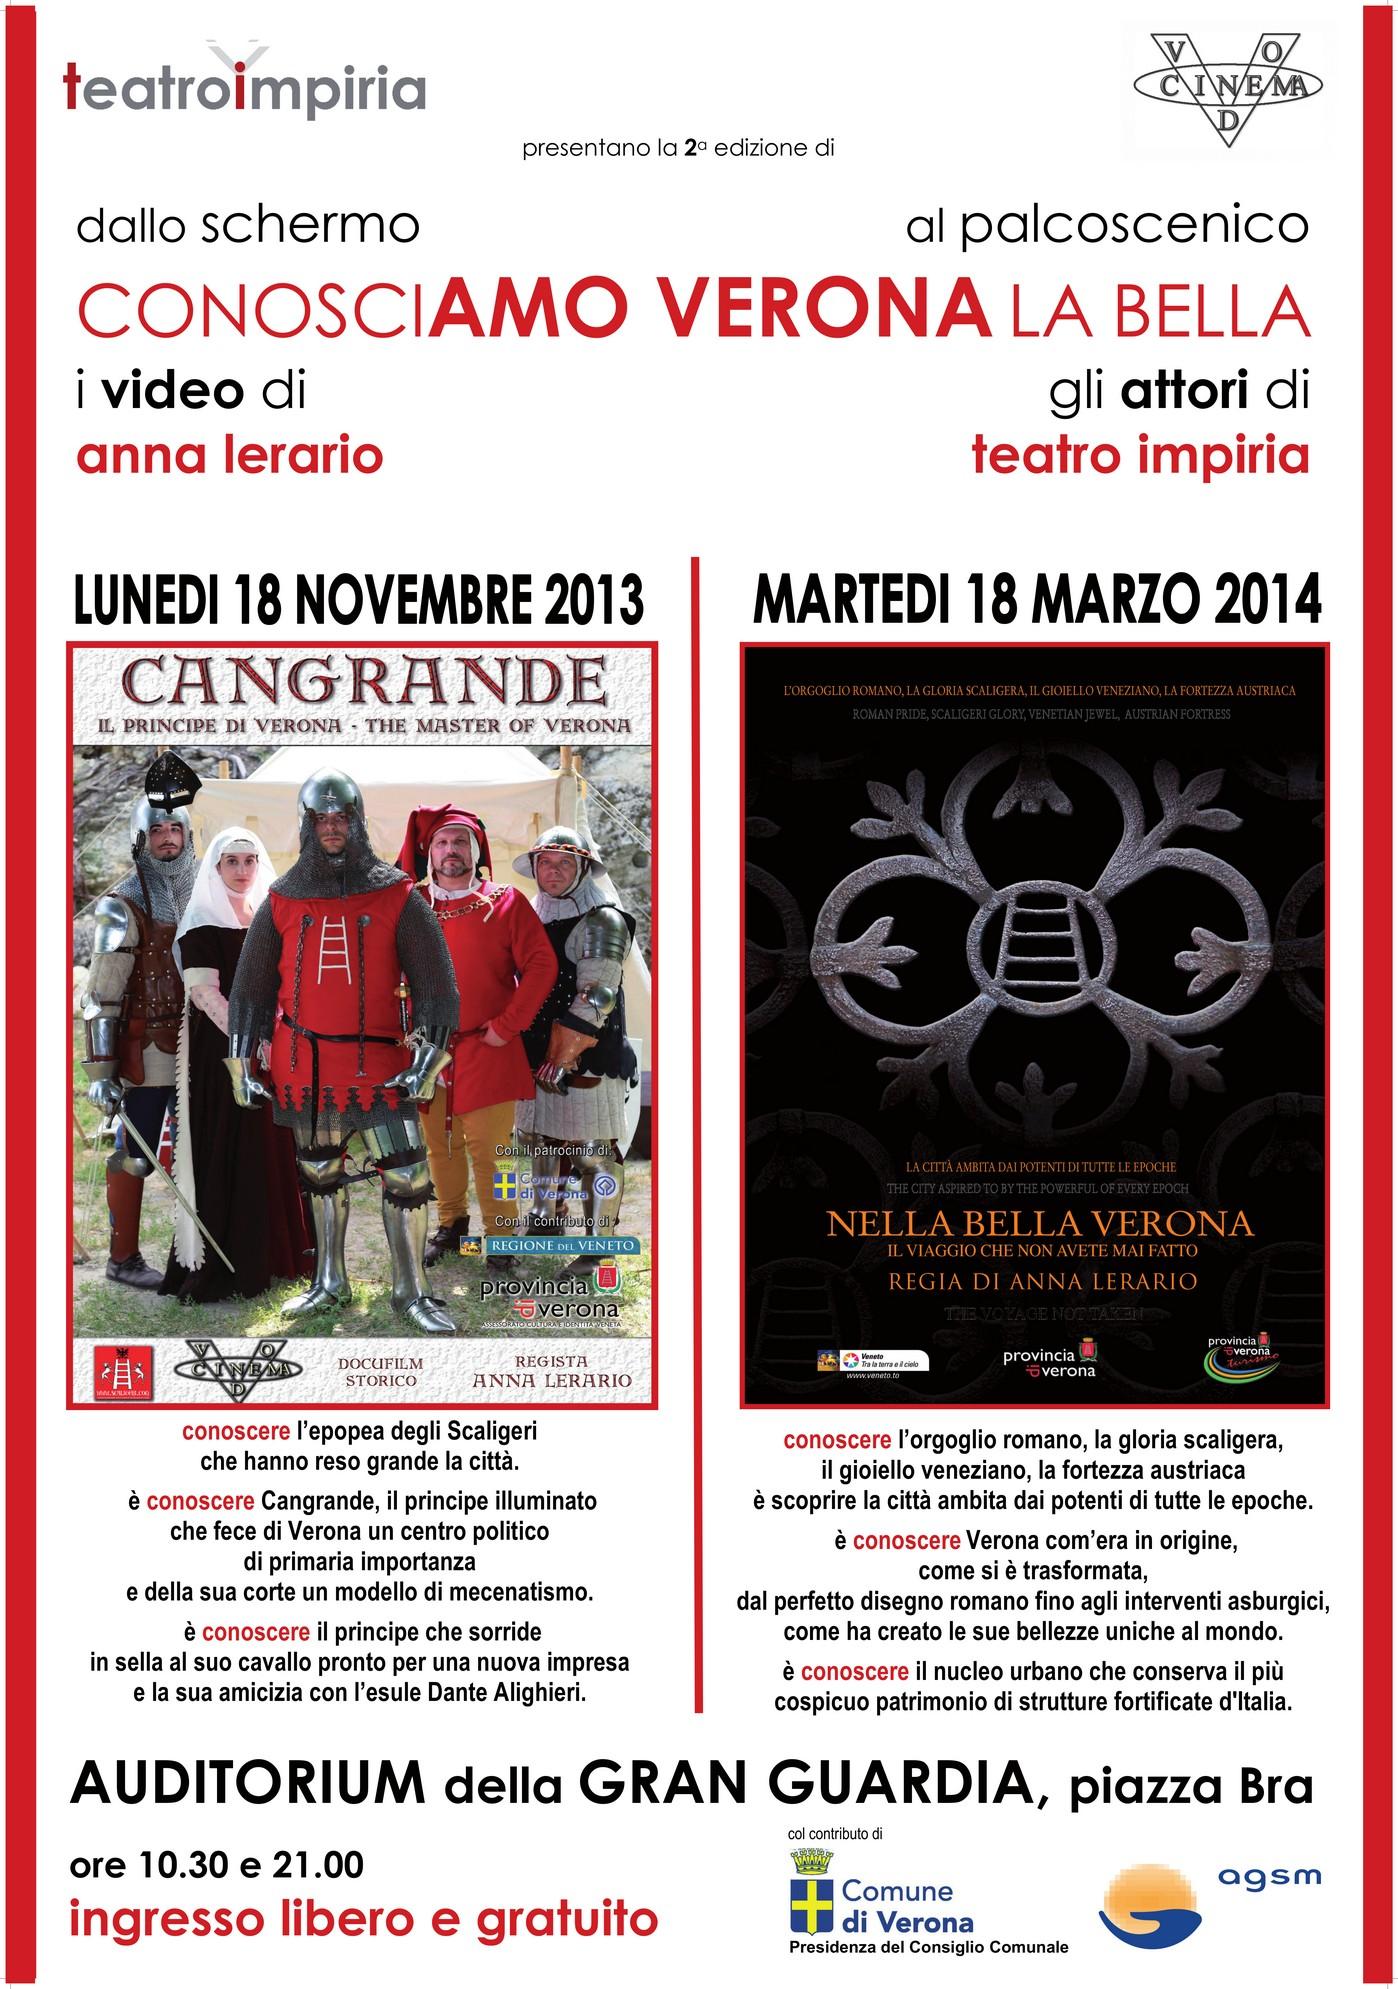 verona-teatro-cinema-storia-impiria-castelletti-2